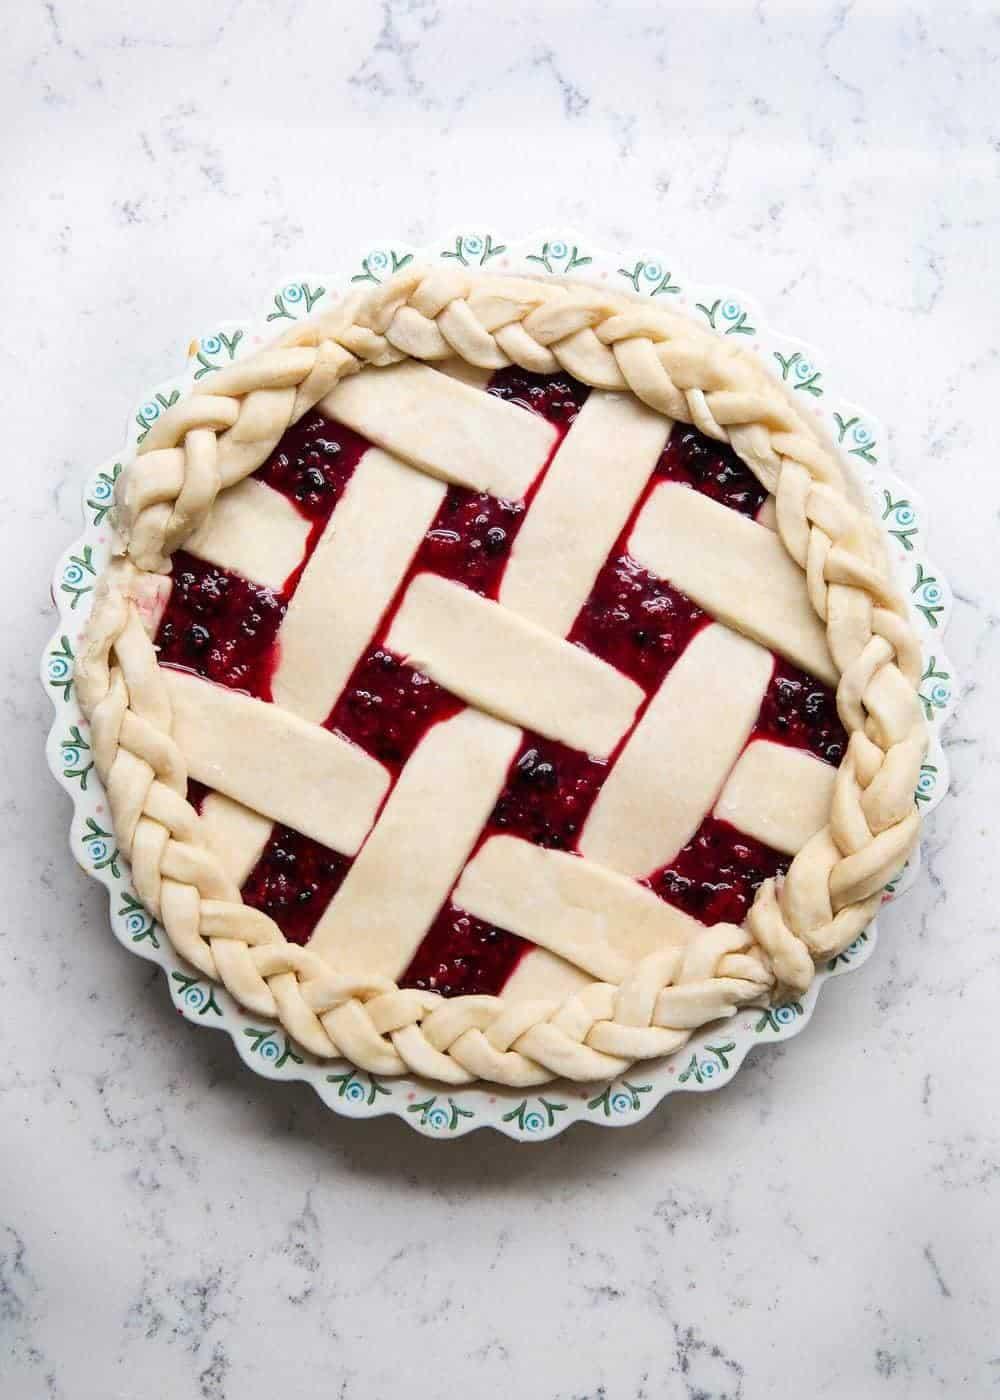 unbaked razzleberry pie with lattice crust